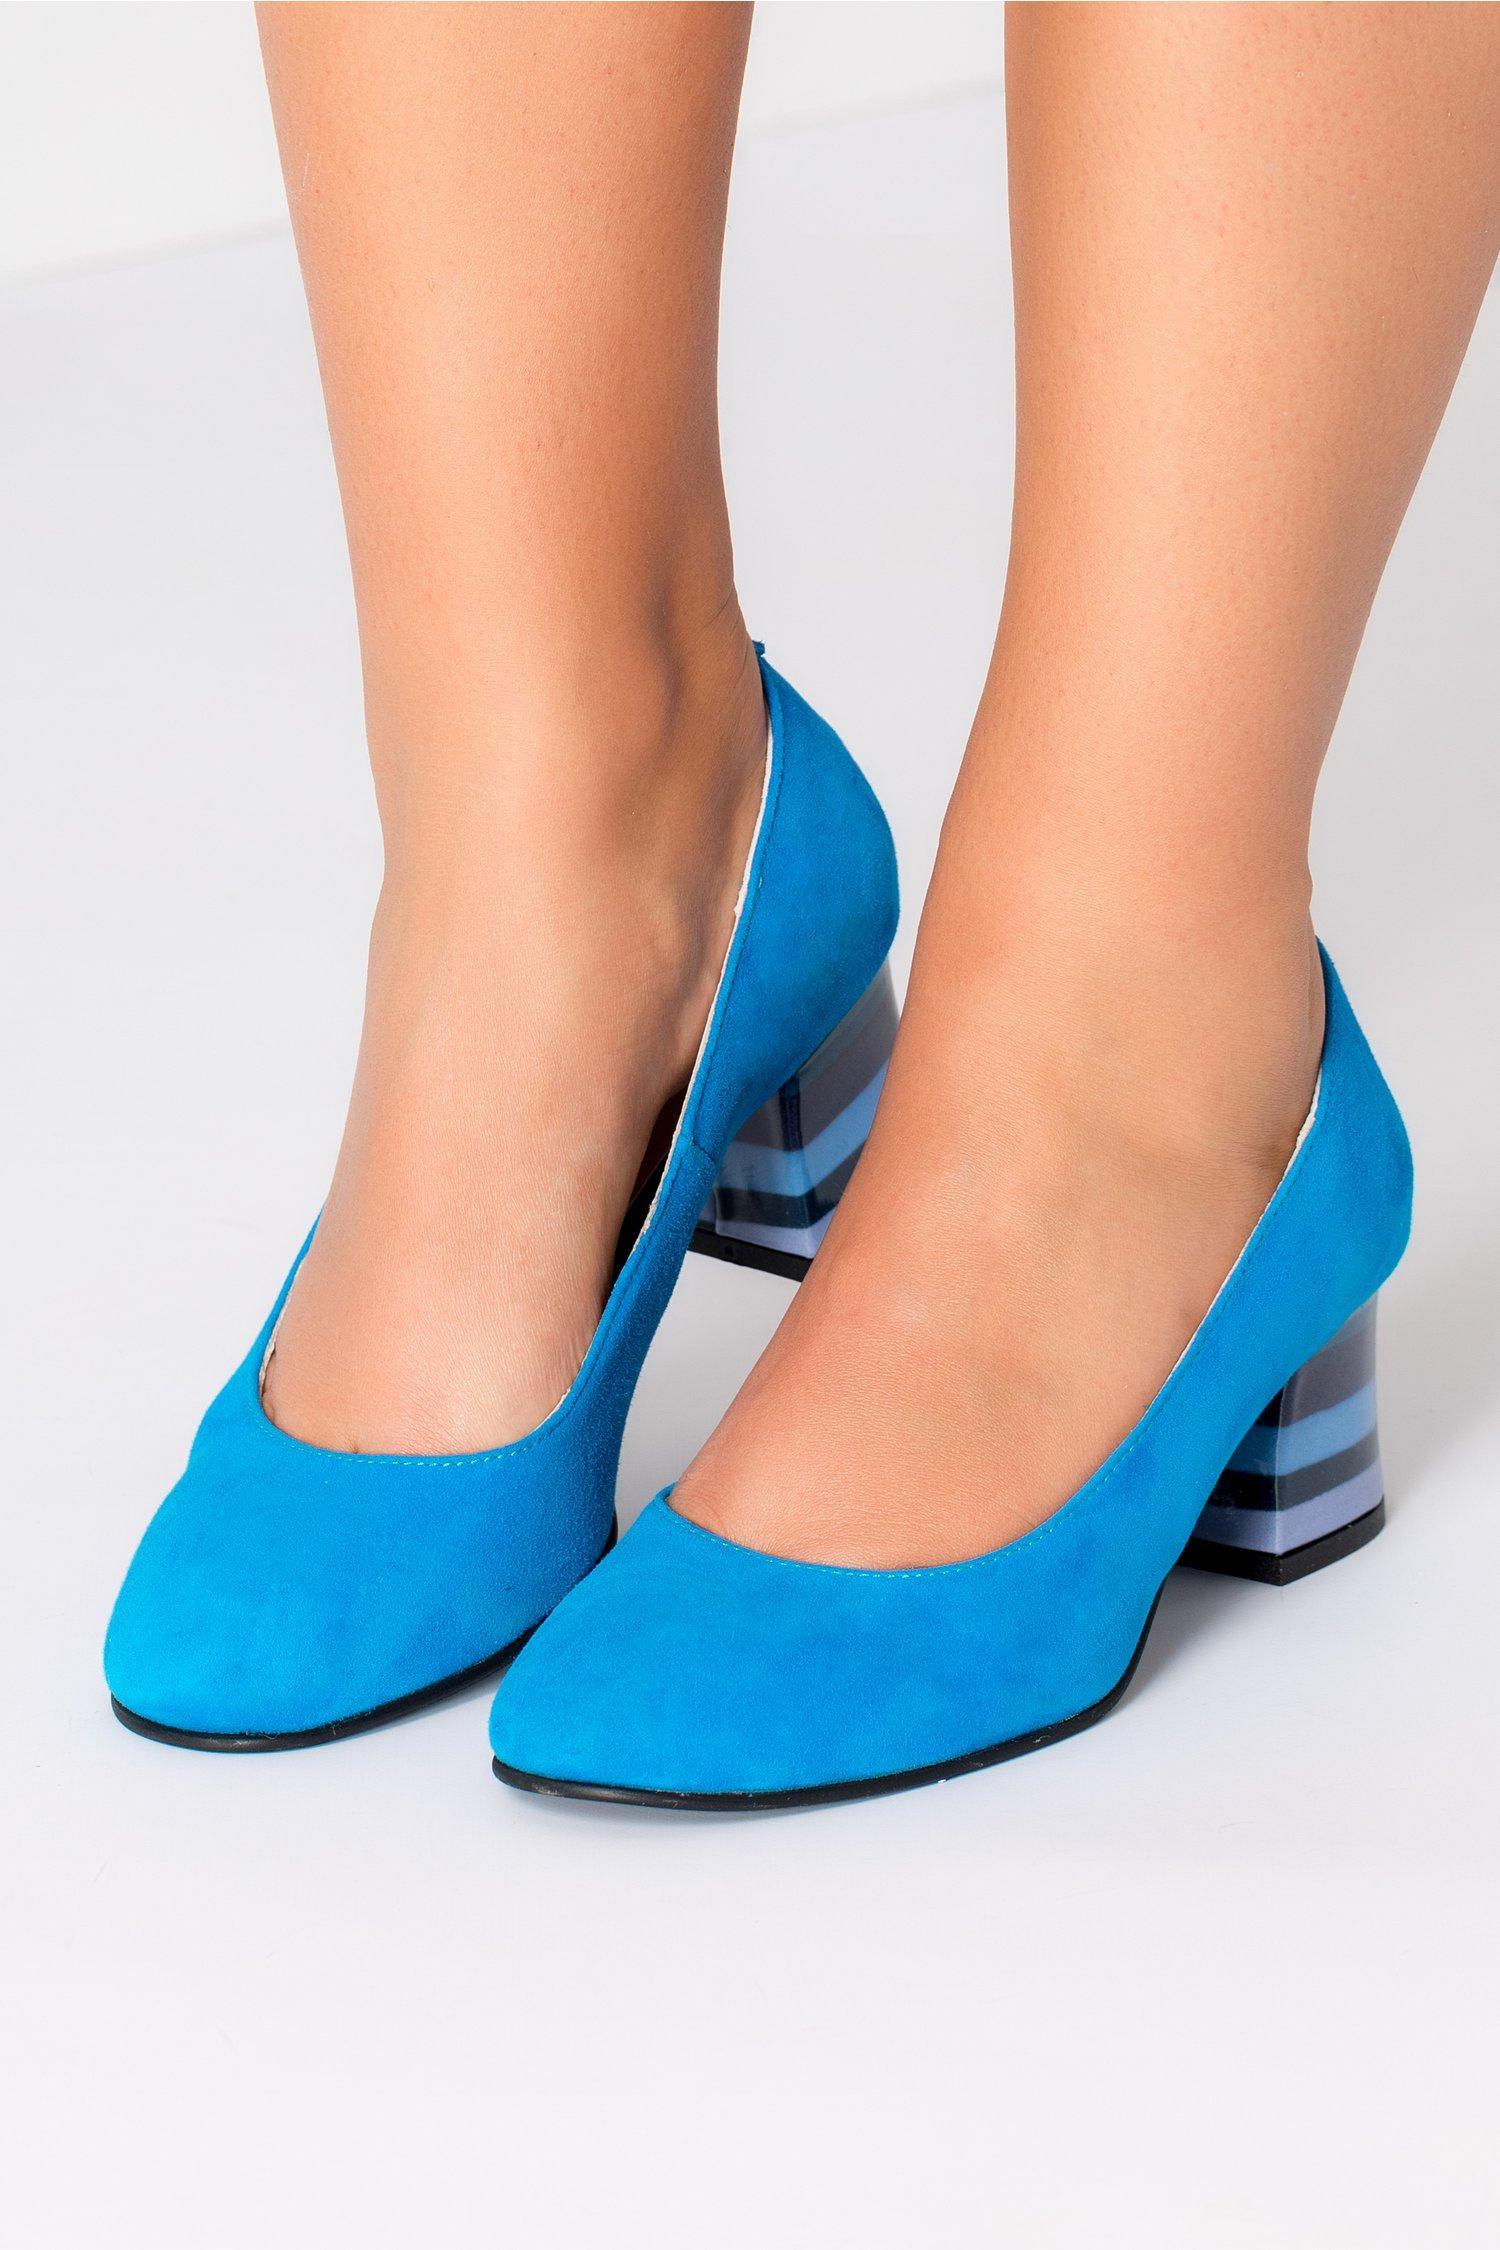 Pantofi dama albastrii cu toc cu dungi